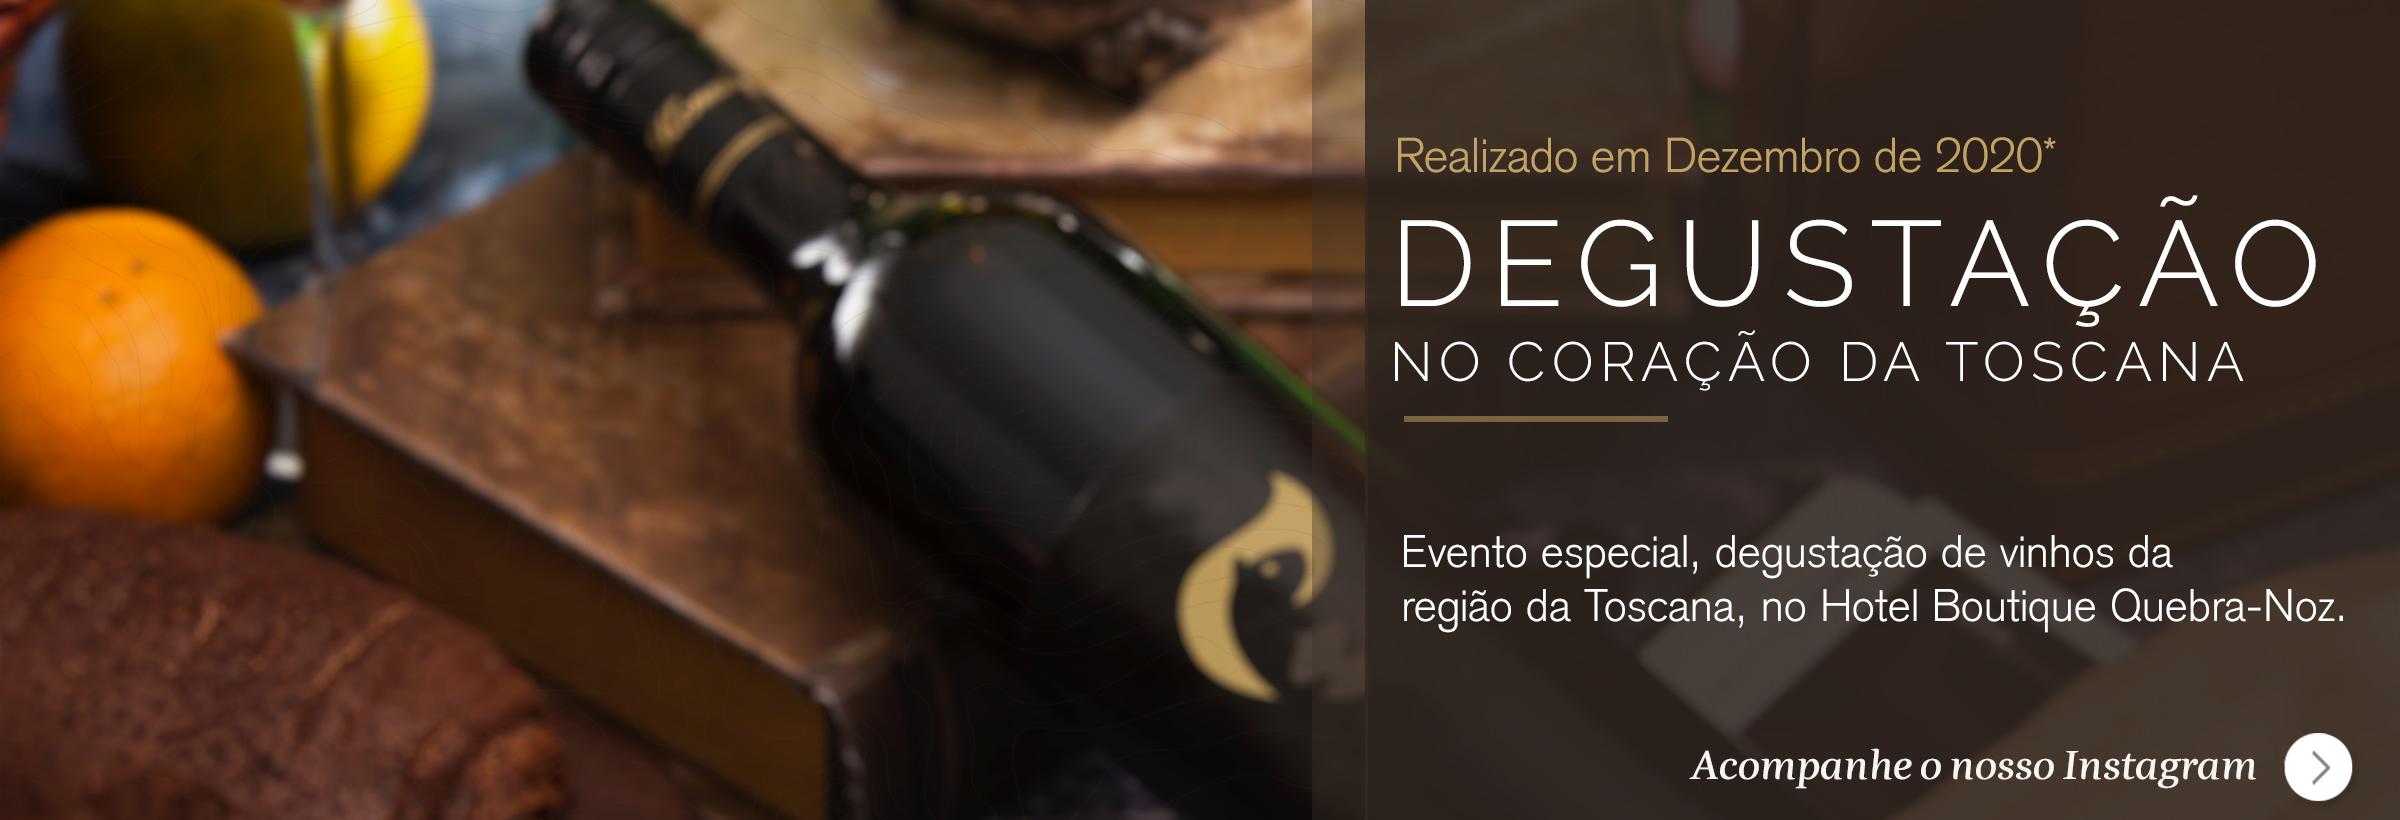 Degustação de vinhos da toscana no hotel boutique quebra-noz